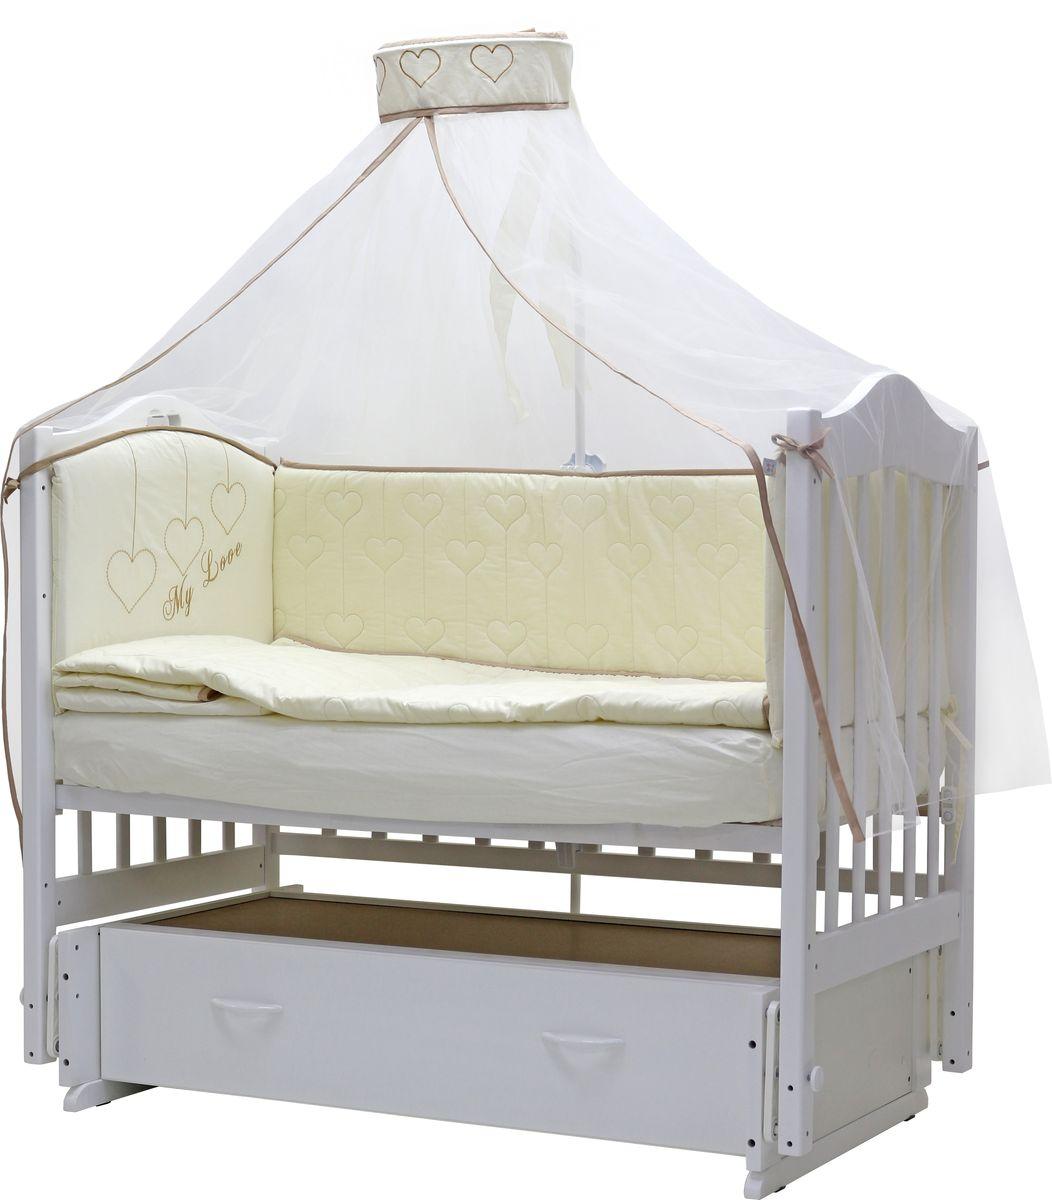 """Комплект постельного белья из 7 предметов включает все необходимые элементы для детской кроватки.  Комплект создает для Вашего ребенка уют, комфорт и безопасную среду с рождения, современный дизайн и цветовые сочетания помогают  ребенку адаптироваться в новом для него мире.   Комплекты """"Топотушки"""" хорошо вписываются в интерьер как детской комнаты, так и спальни родителей. Как и все изделия «Топотушки» данный  комплект отражает самые последние технологии, является безопасным для малыша и экологичным. Российское происхождение комплекта  гарантирует стабильно высокое качество, соответствие актуальным пожеланиям потребителей, конкурентоспособную цену.  Комплектация:  Балдахин 4,5м (микро сетка); охранный бампер 360х40 см. (из 4-х частей, наполнитель - холлофайбер); подушка 40х60 см. (наполнитель -  холлофайбер); одеяло 140х110 см. (наполнитель - холлофайбер); наволочка 40х60 см; пододеяльник 147х112 см; простынь на резинке 120х60 см."""